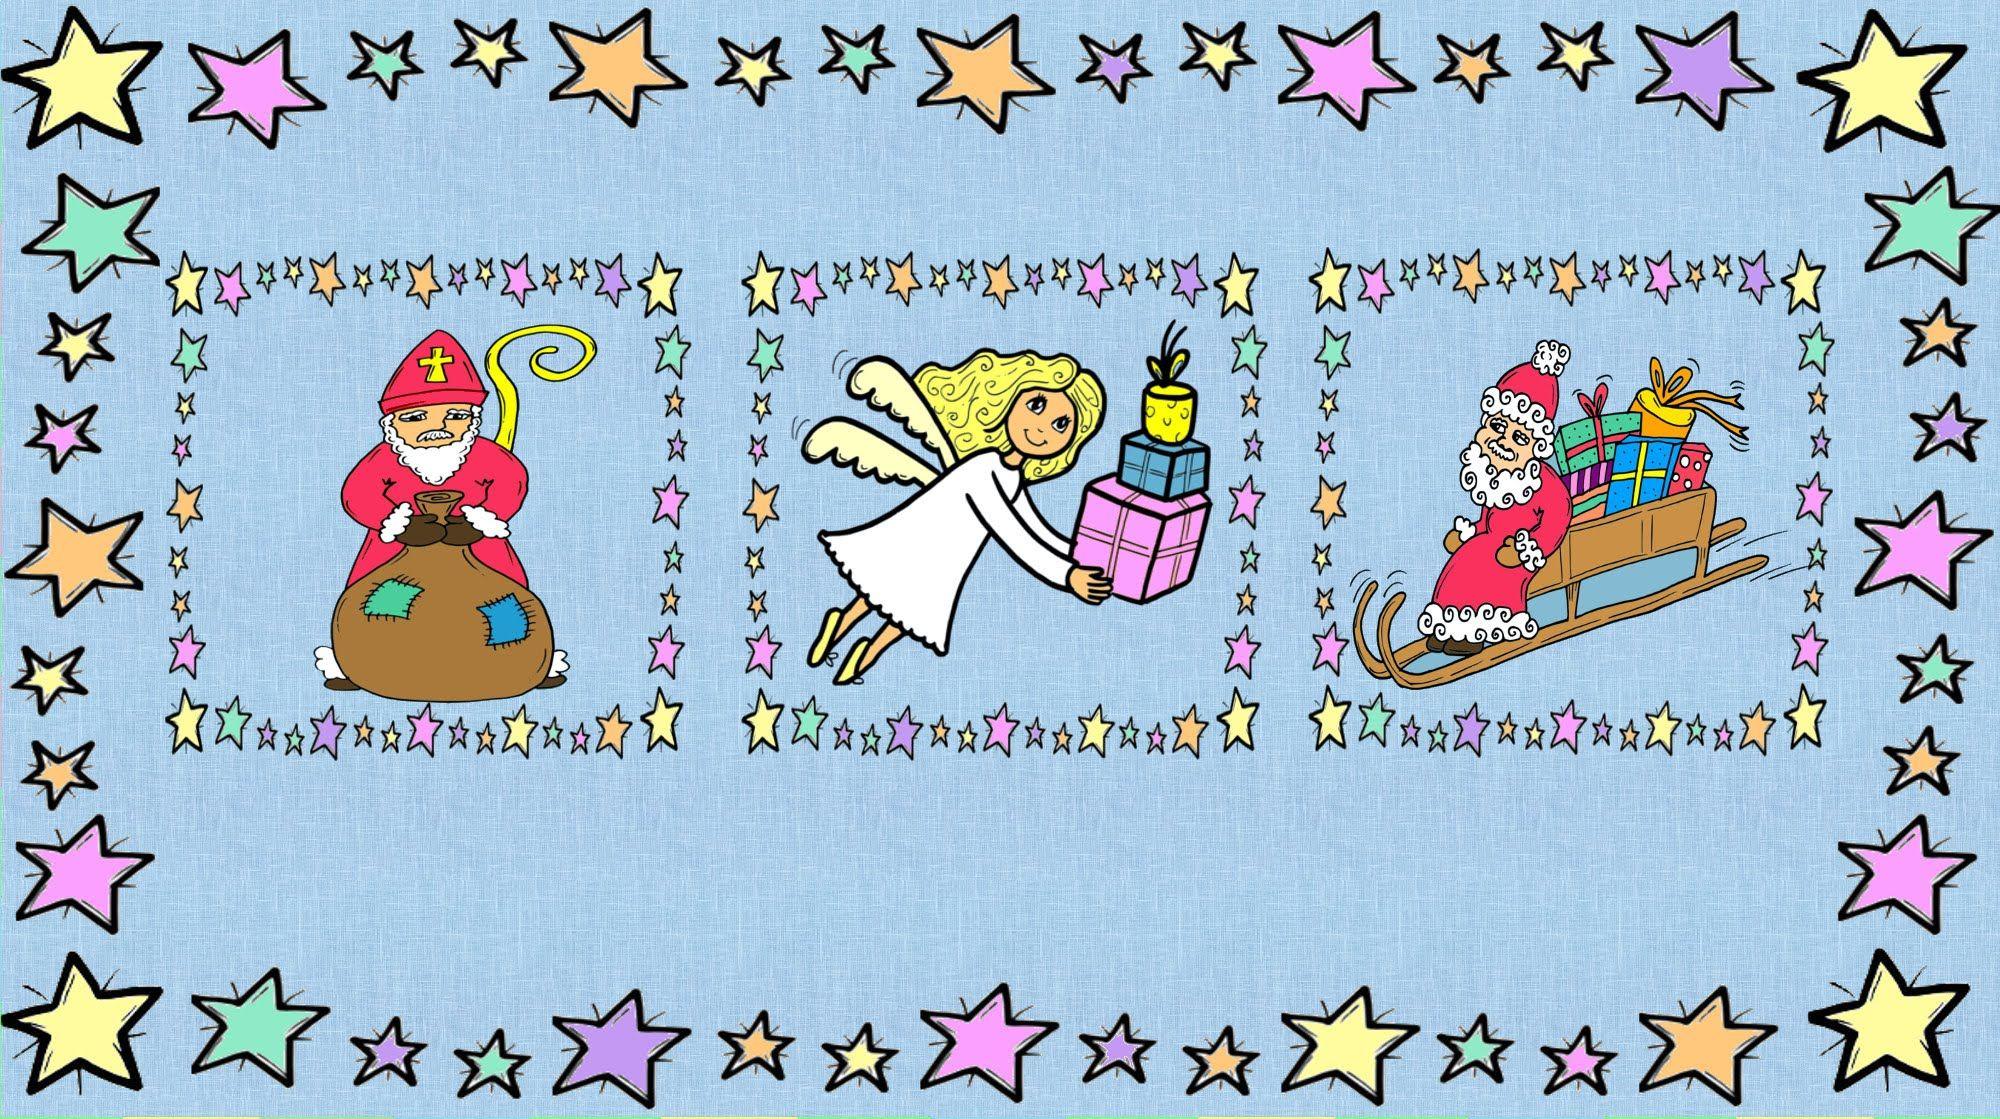 Begriffe Weihnachten.Ein Interaktives Spiel Um Einfache Begriffe Zum Thema Weihnachten